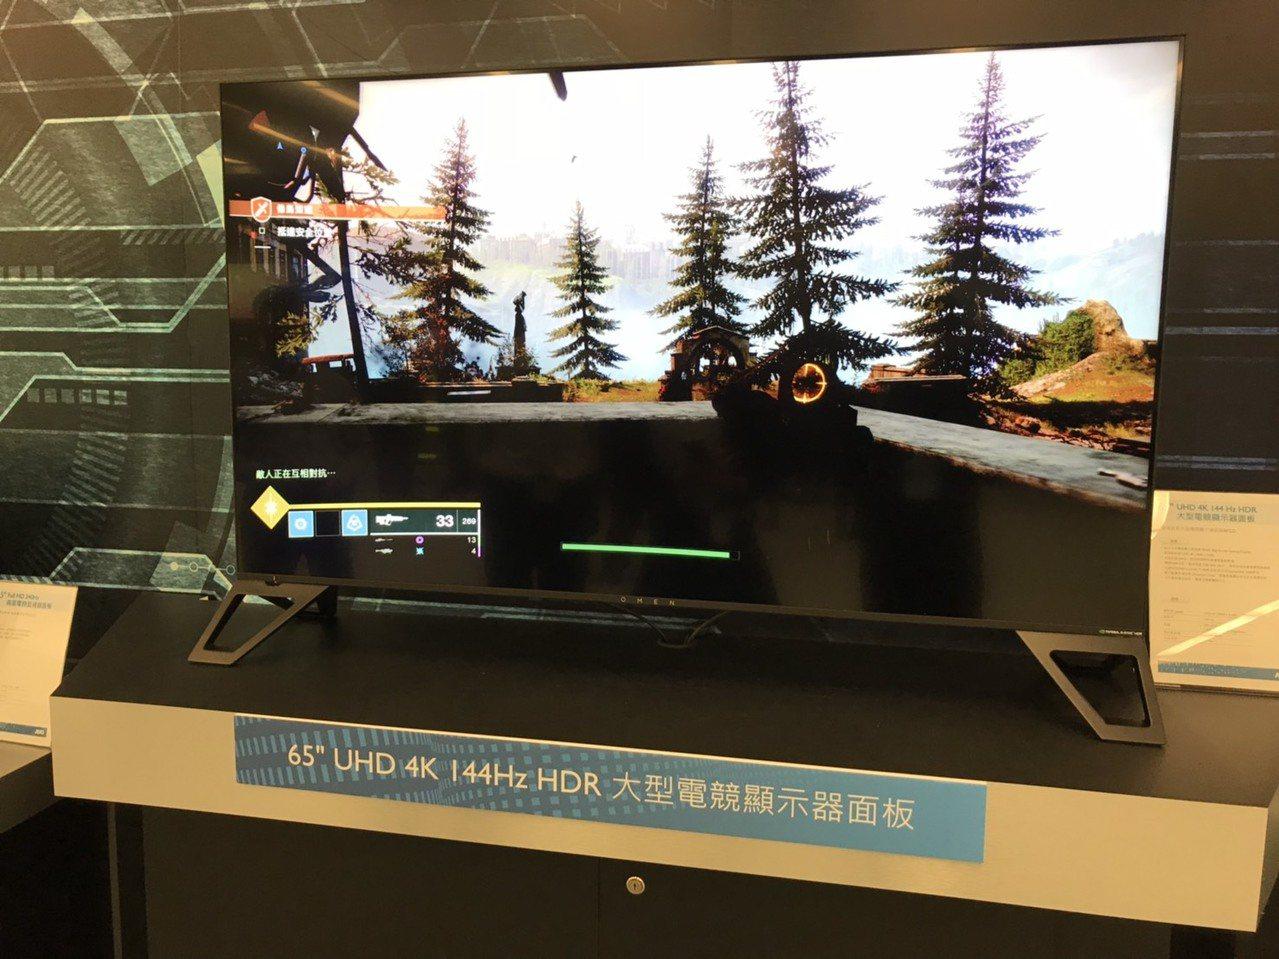 友達電競面板市占率世界第一,圖為友達電競監視器面板產品。報系資料照